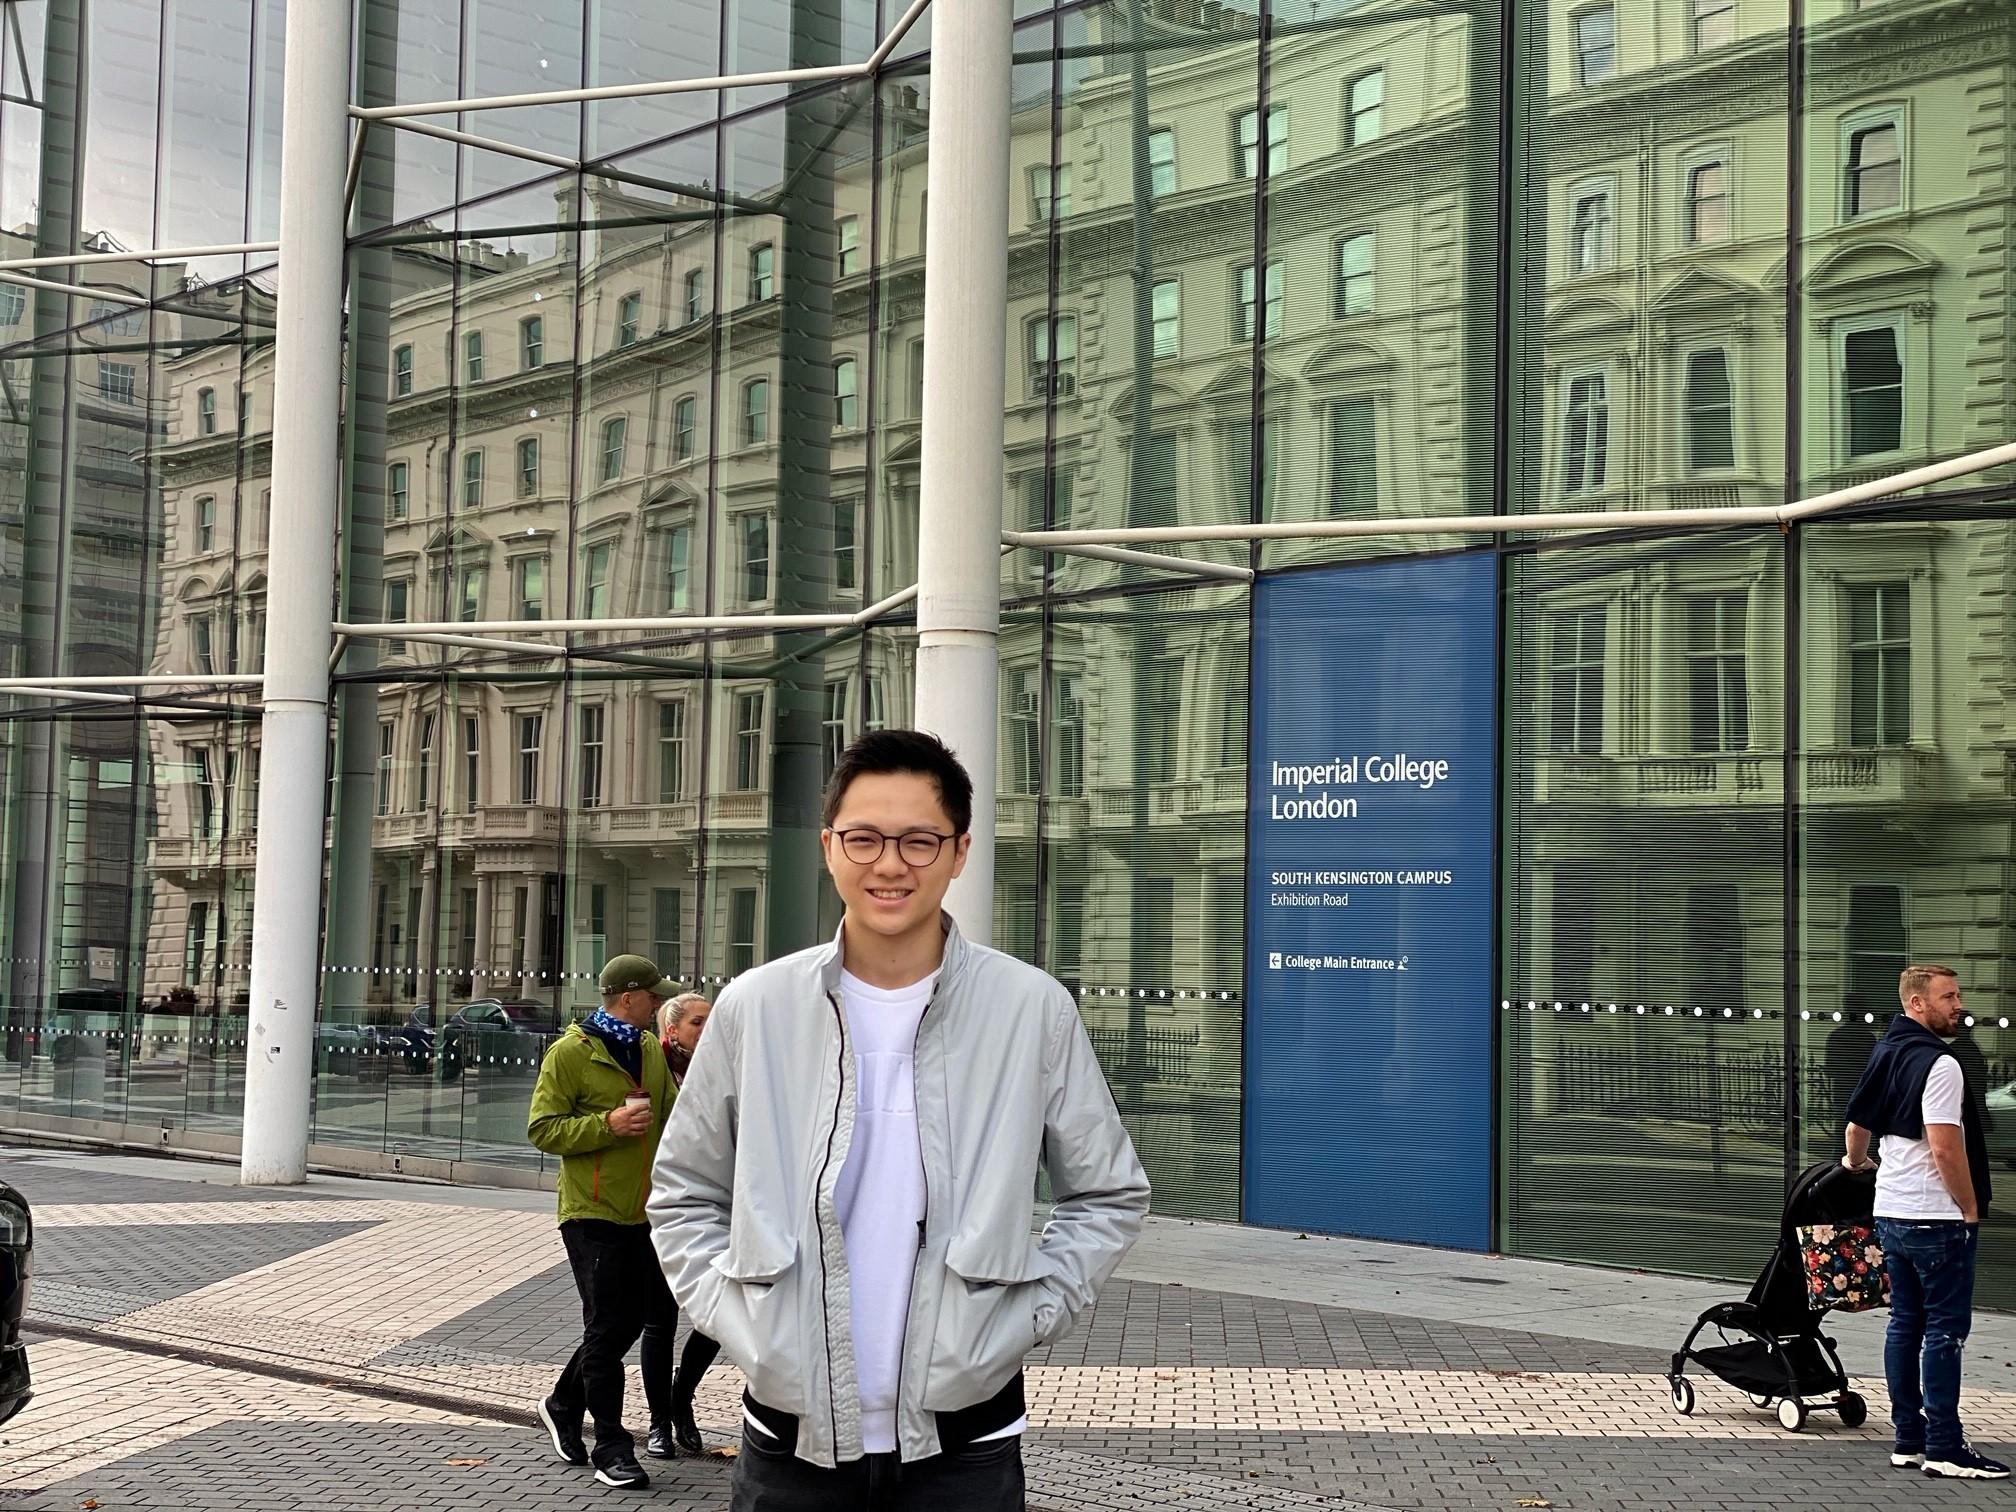 2-上海德威外籍人员子女学校(浦东)-20201008-162950-893